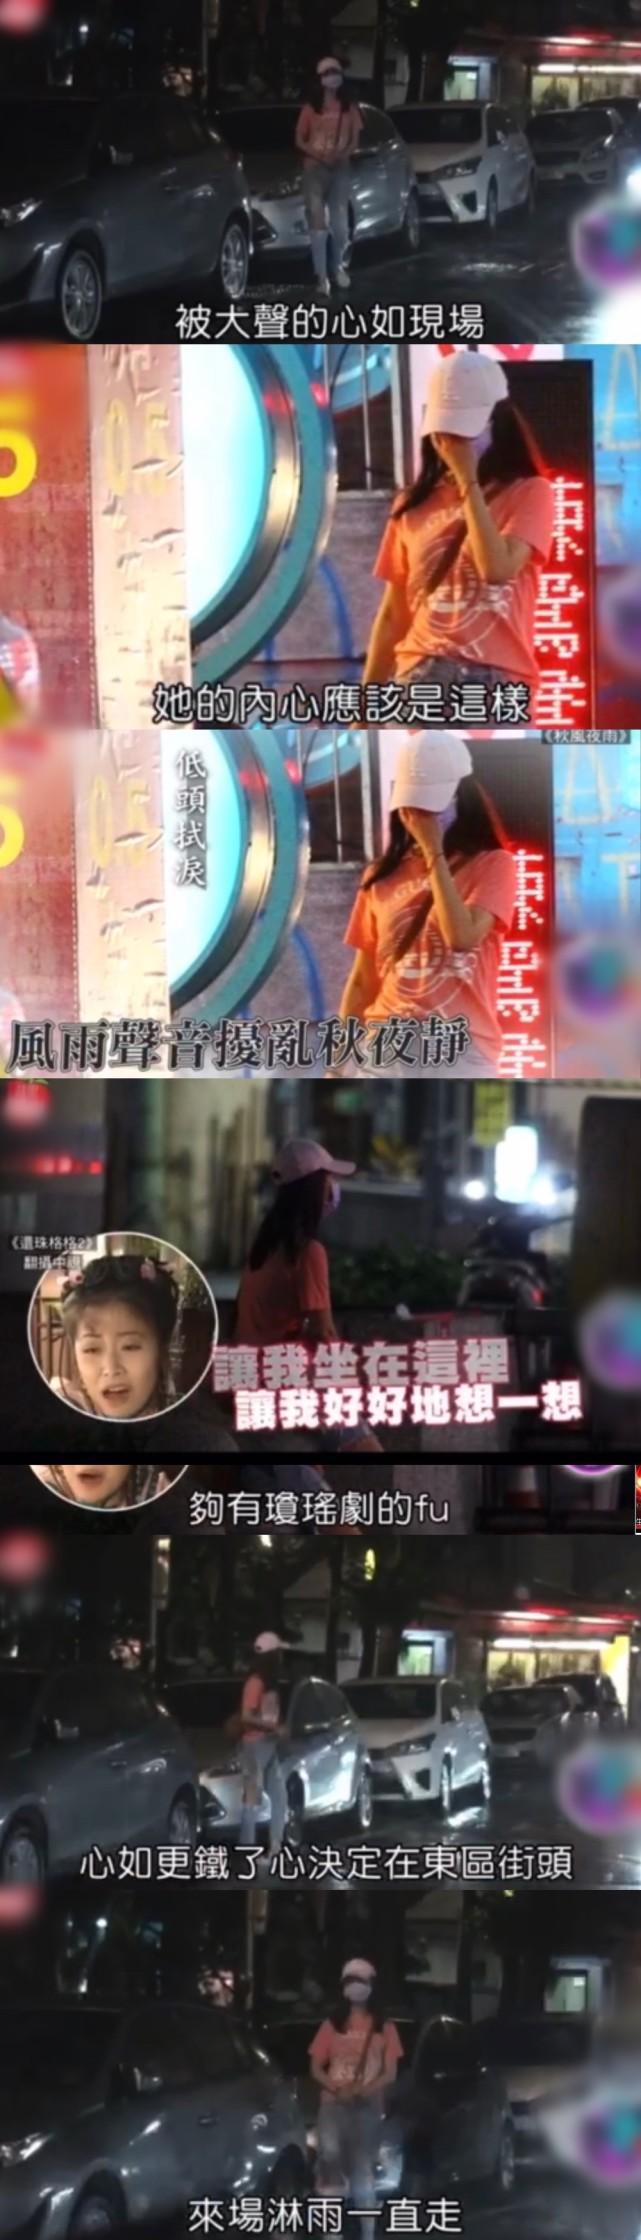 臺媒曝霍建華夫婦街頭吵架, 林心如傷心流淚, 本尊回應: 討論事情意見不同-圖8